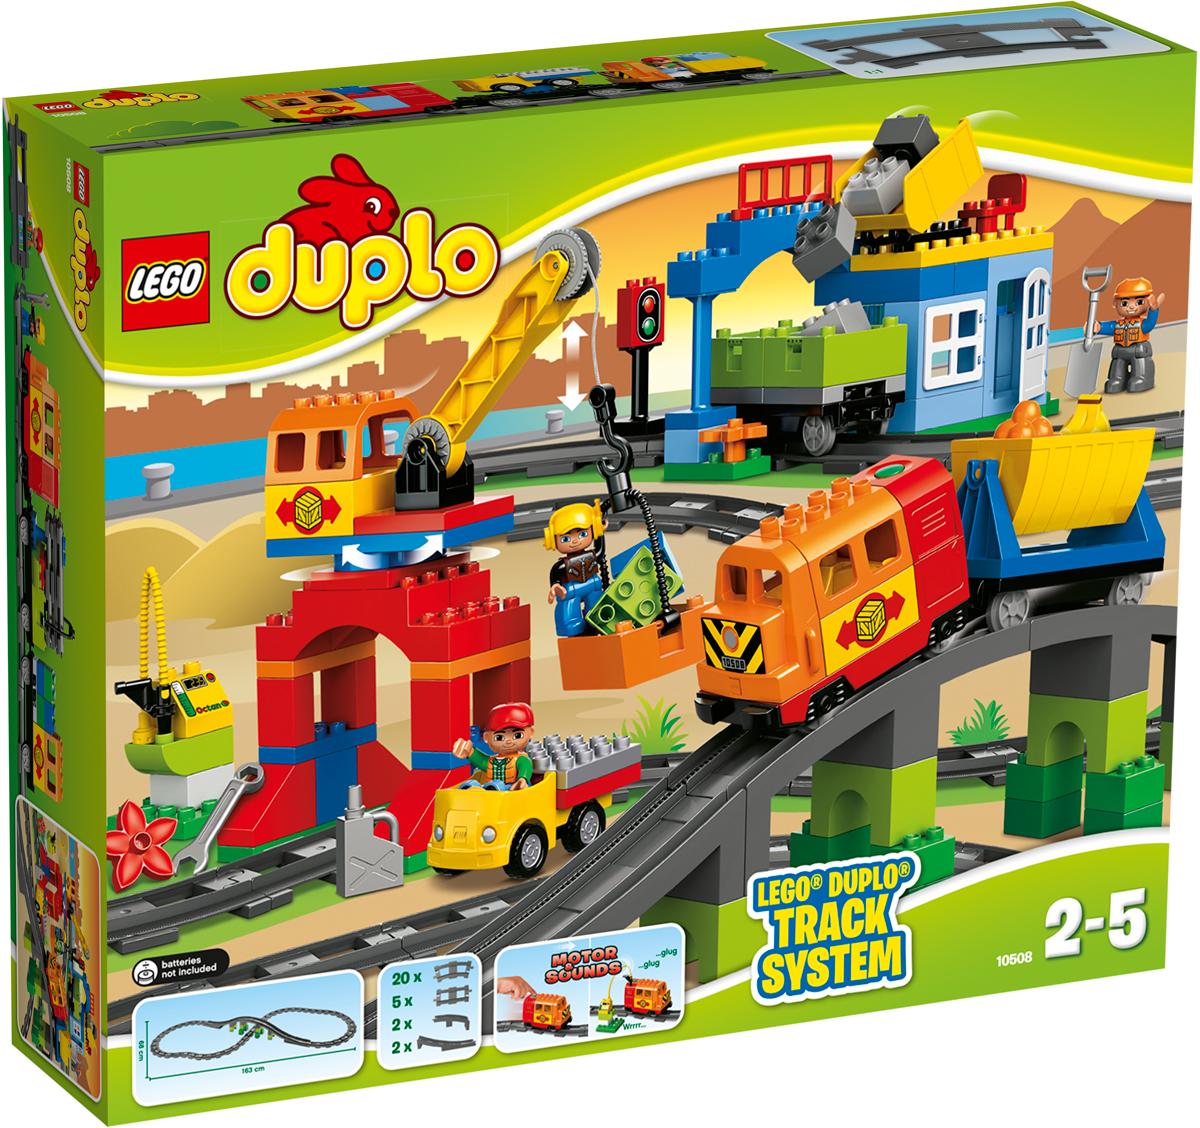 LEGO DUPLO Конструктор Большой поезд 10508 lego duplo 10508 лего дупло большой поезд